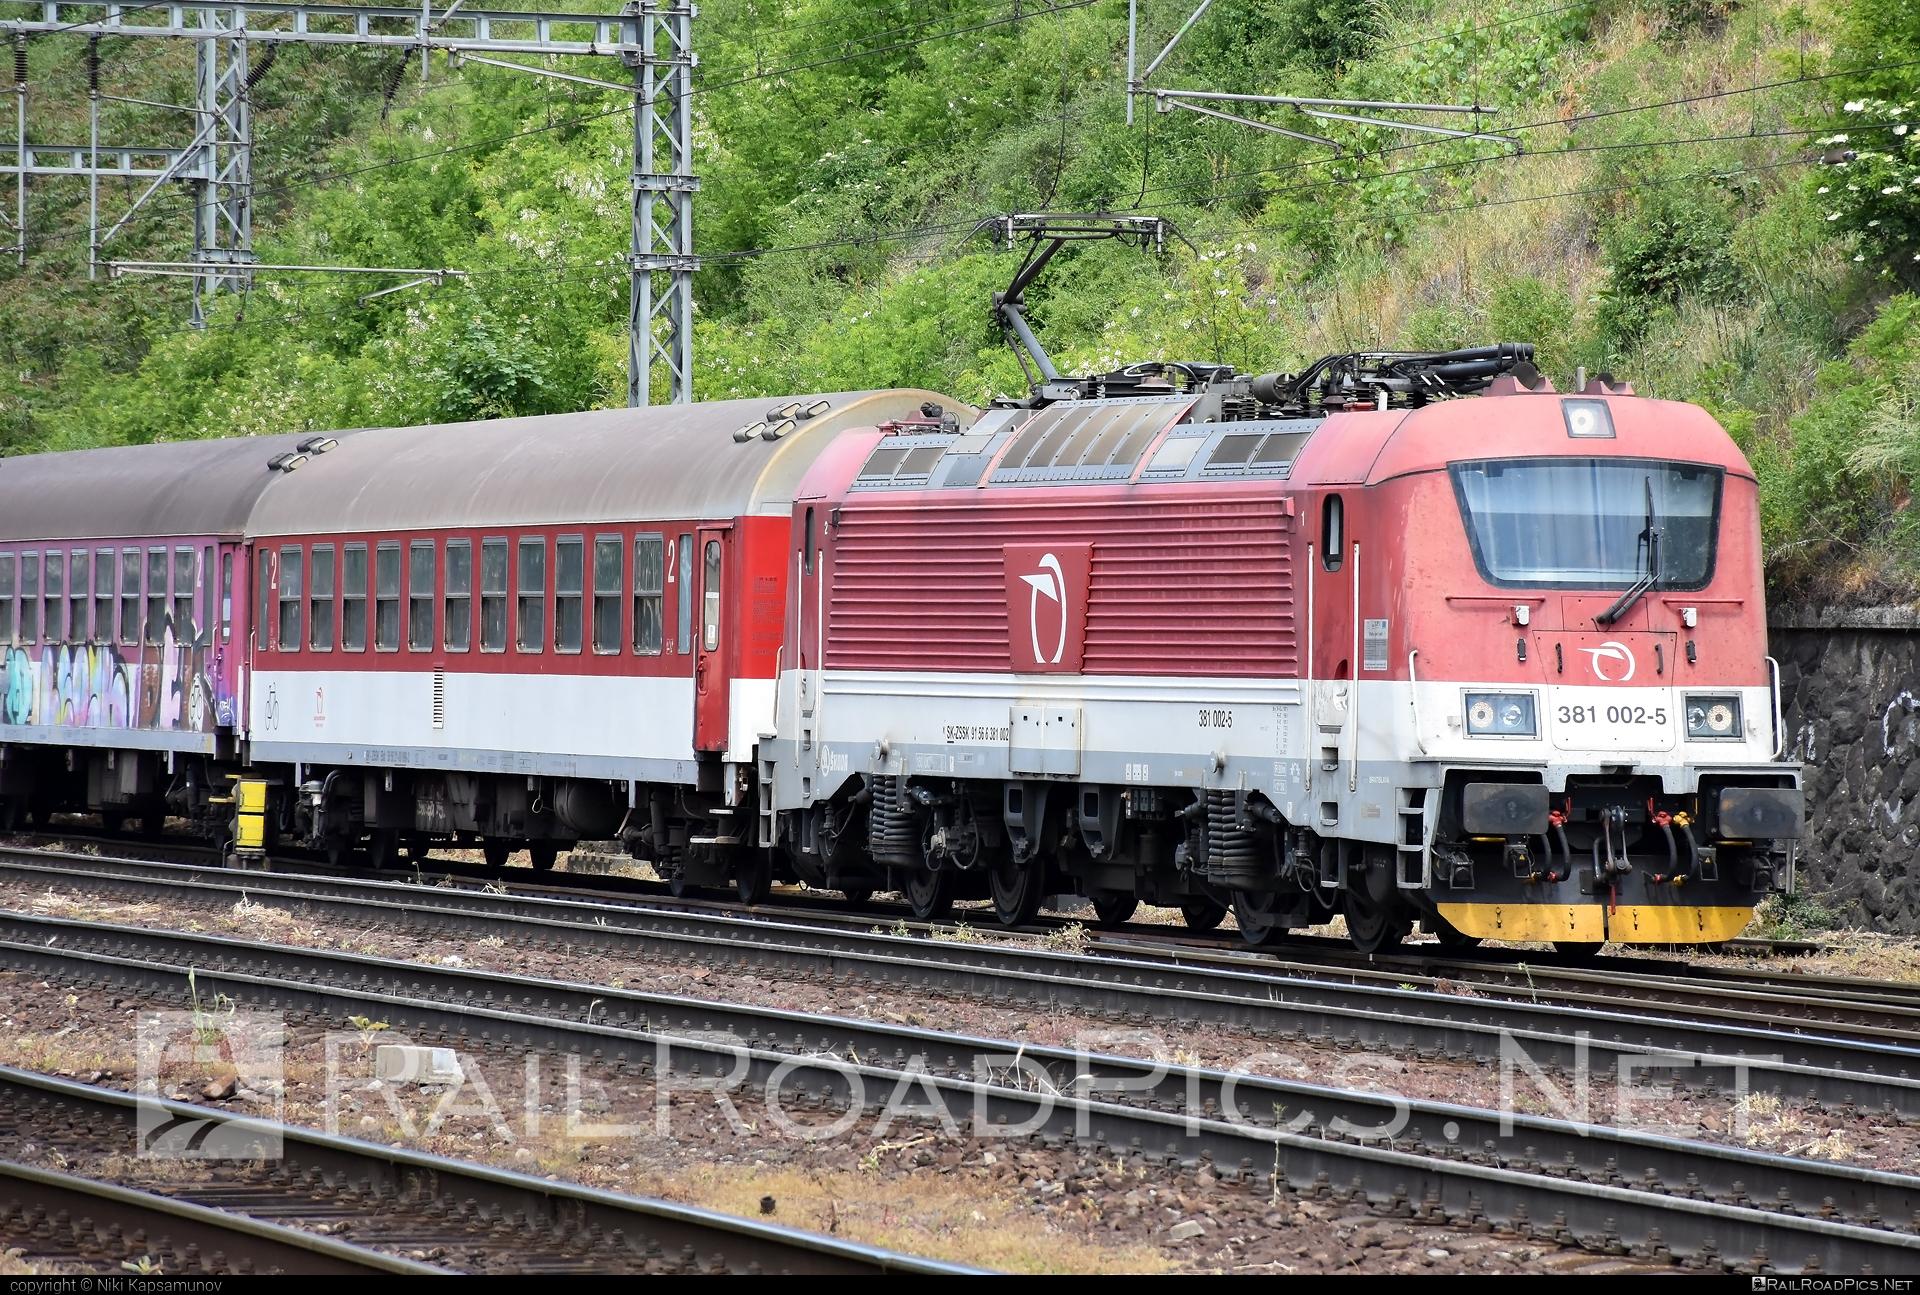 Škoda 109E2 Emil Zátopek - 381 002-5 operated by Železničná Spoločnost' Slovensko, a.s. #emilzatopeklocomotive #locomotive381 #skoda #skoda109e #skoda109elocomotive #zssk